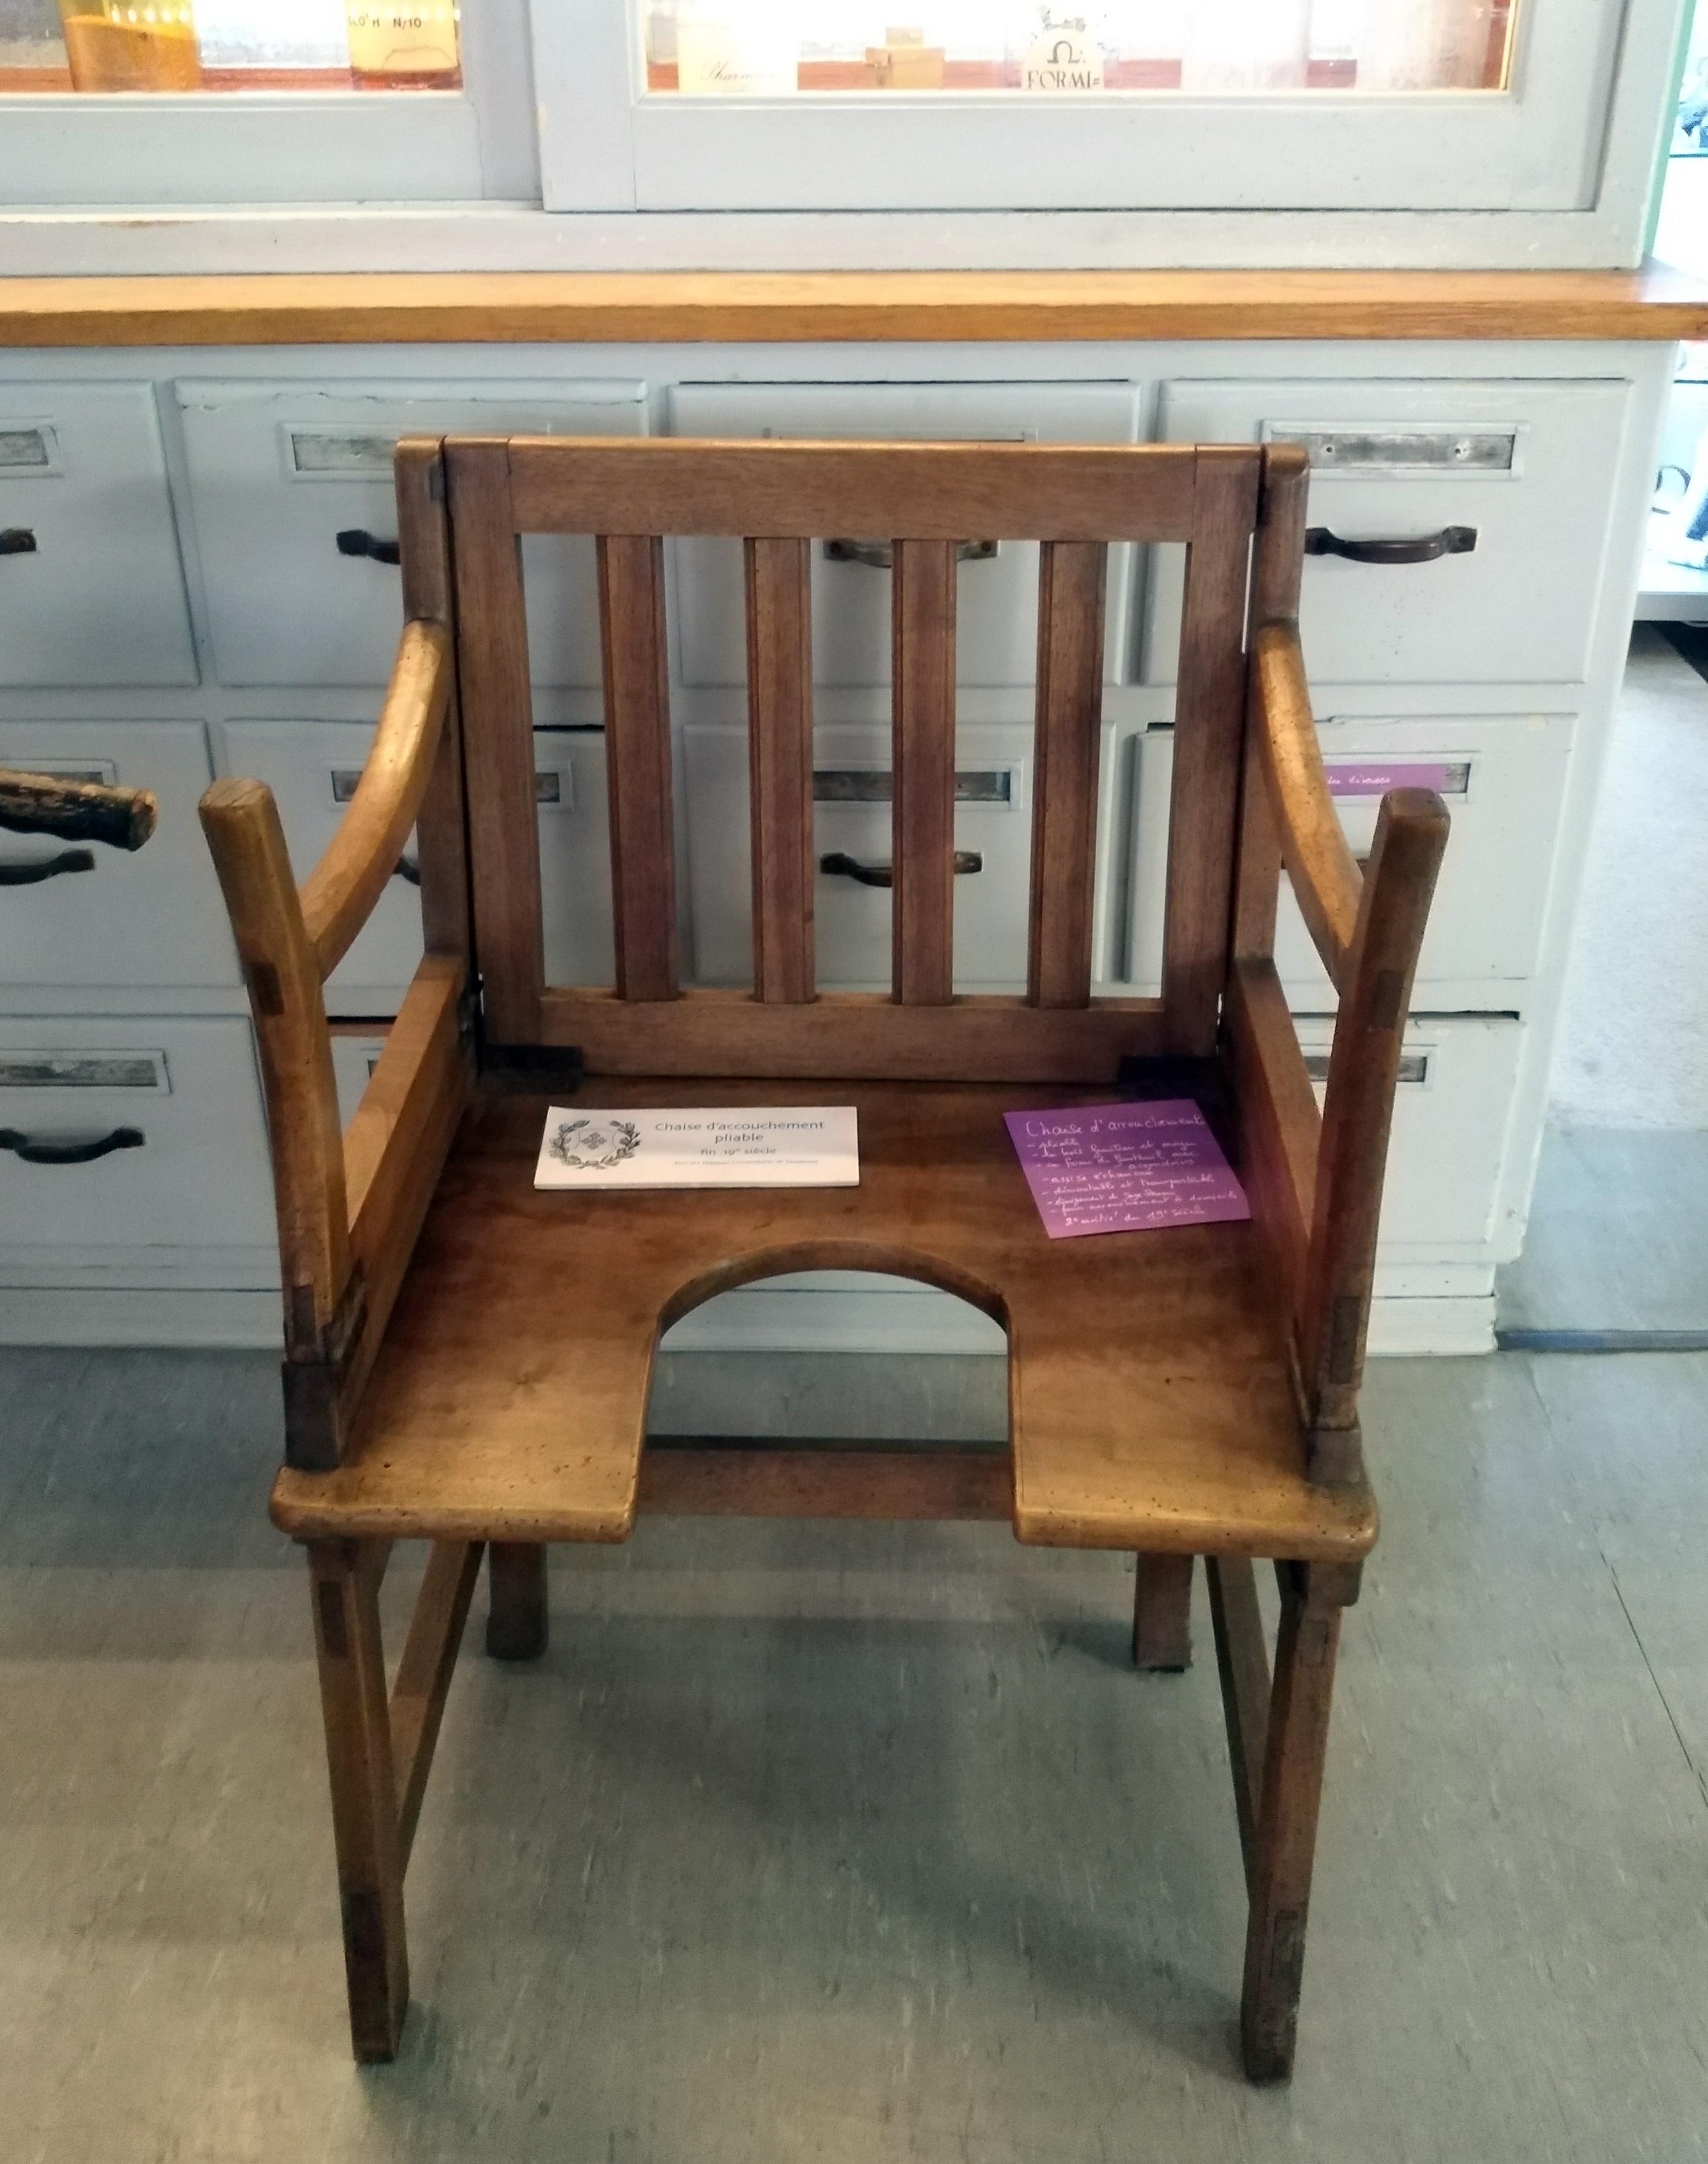 Chaise d'accouchement pliable du musée de l'hôpital universitaire de Strasbourg. Fin du XIXe siècle. Utilisé par une sage-femme itinérante